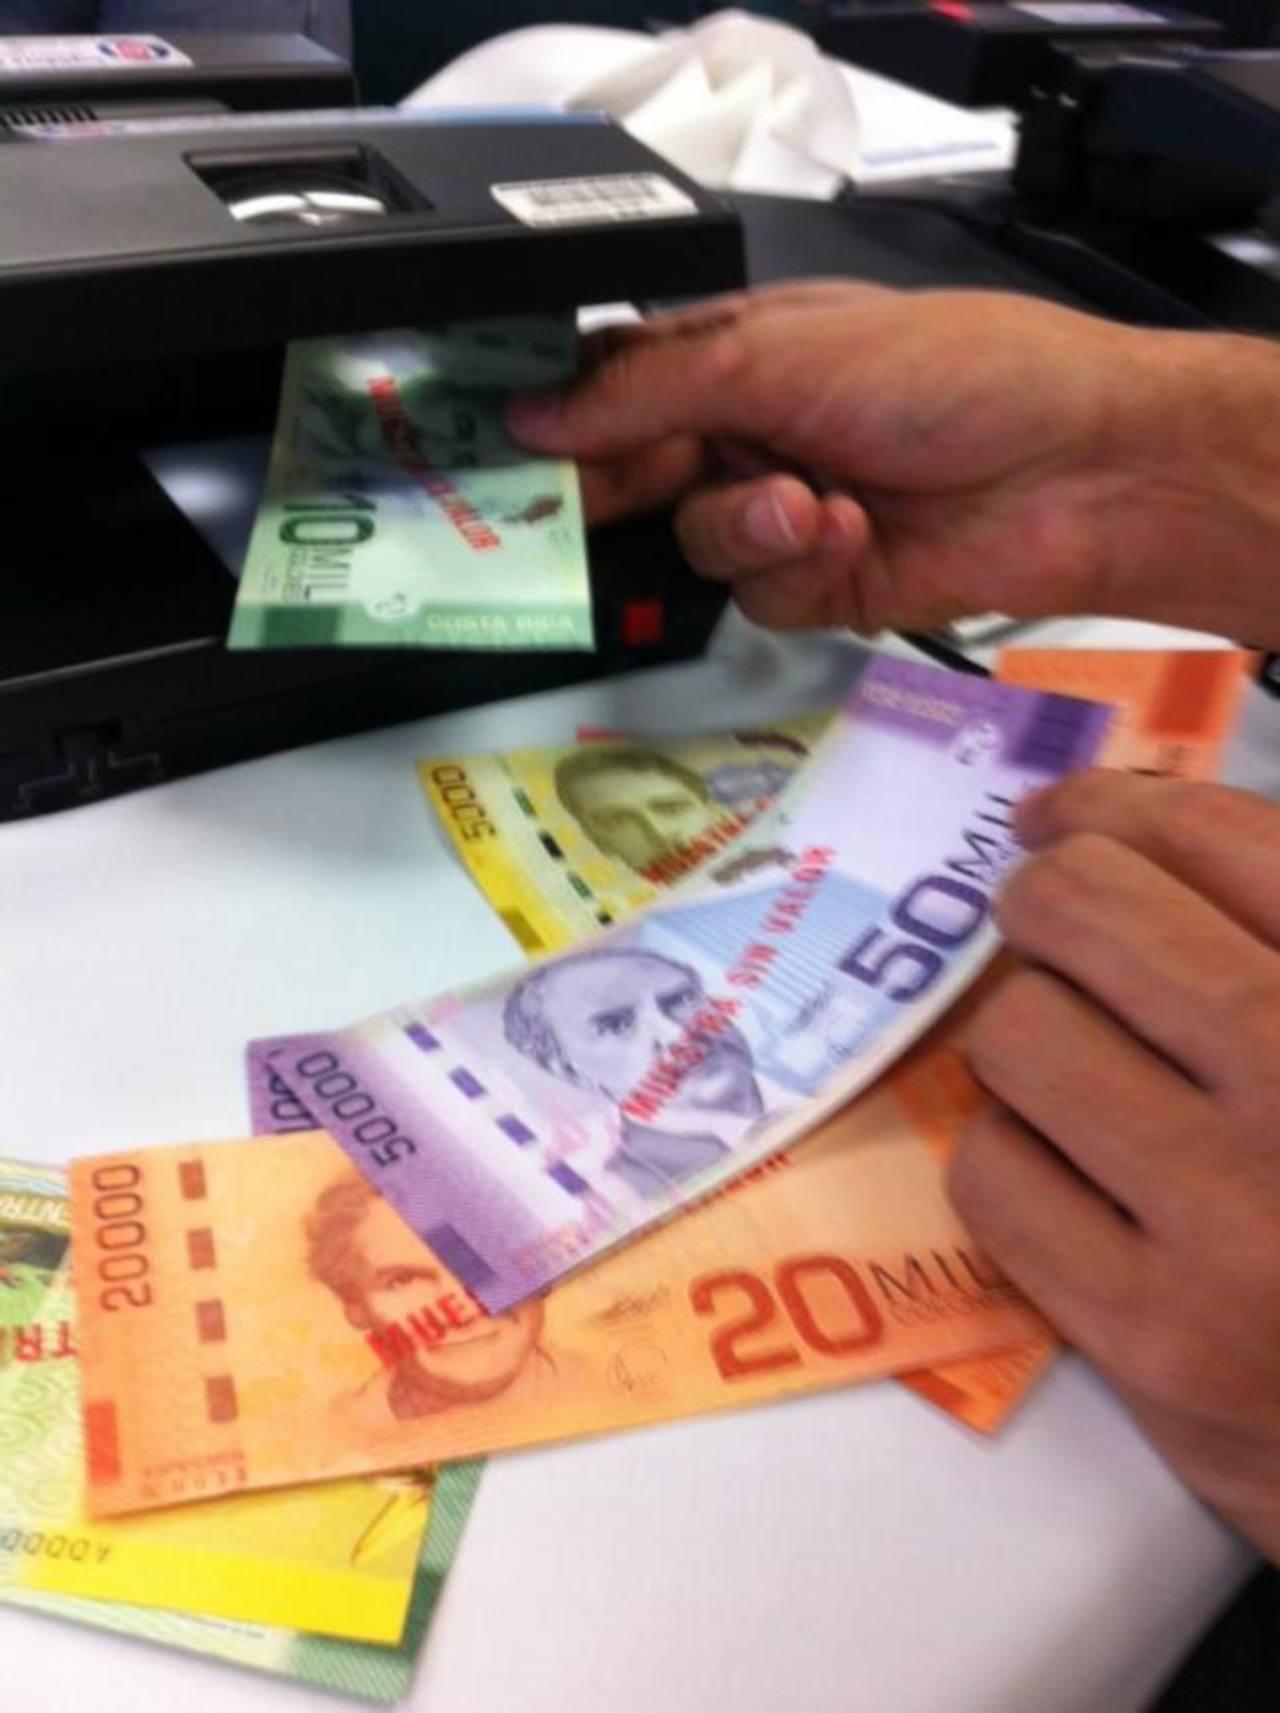 Costa Rica ha debido pagar más de 1.5 millones de dólares para defender todas las demandas, según informó el diario La Nación de Costa Rica. FOTO EDH/Archivo.